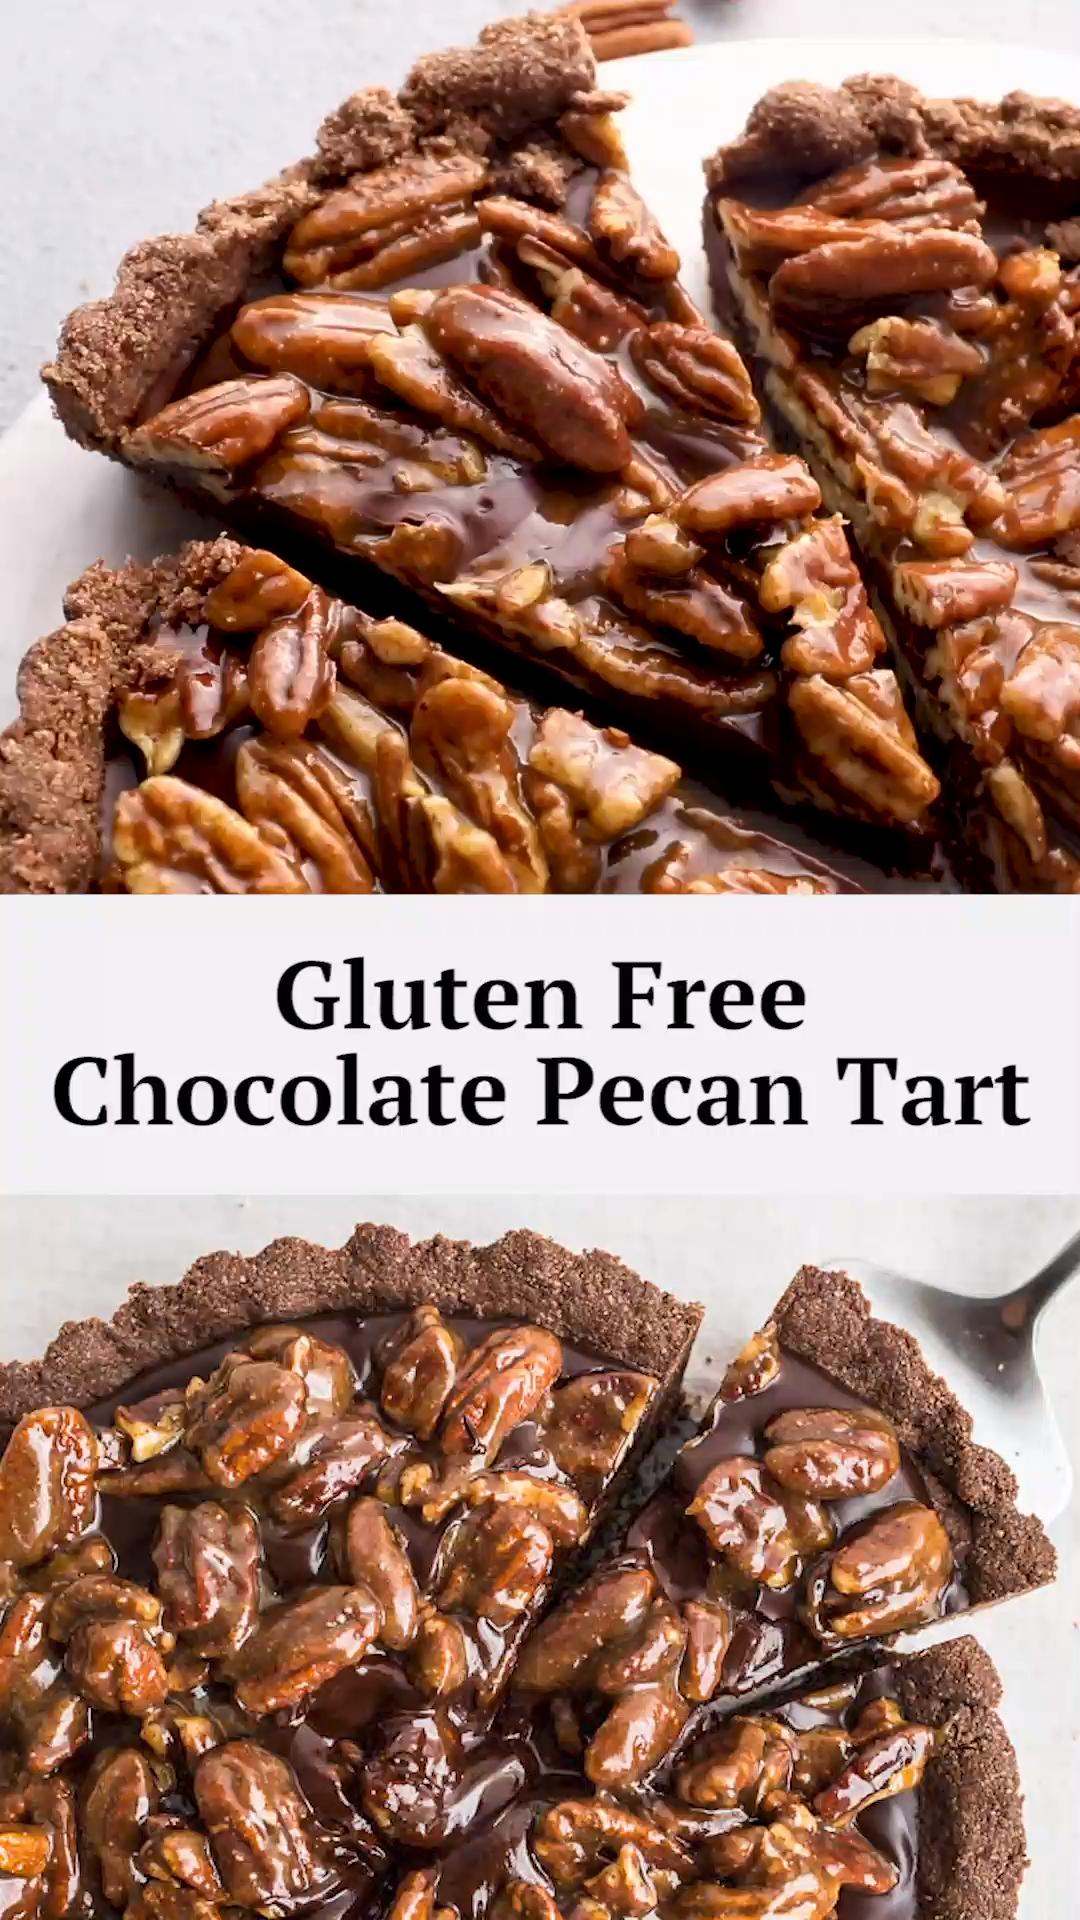 GF Chocolate Pecan Tart